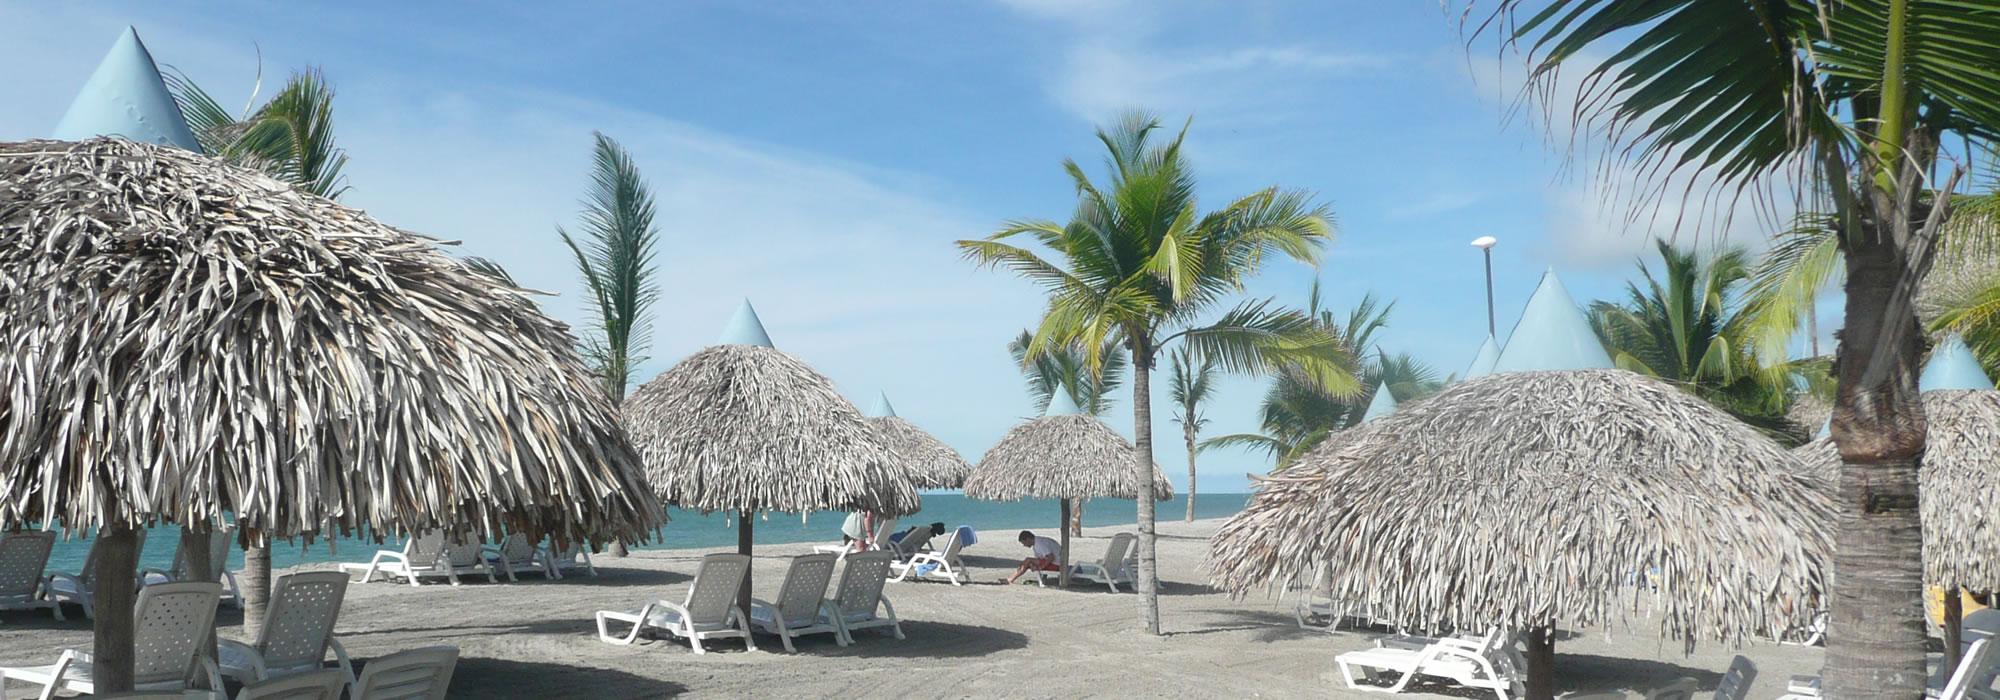 Playas de Pacícfico